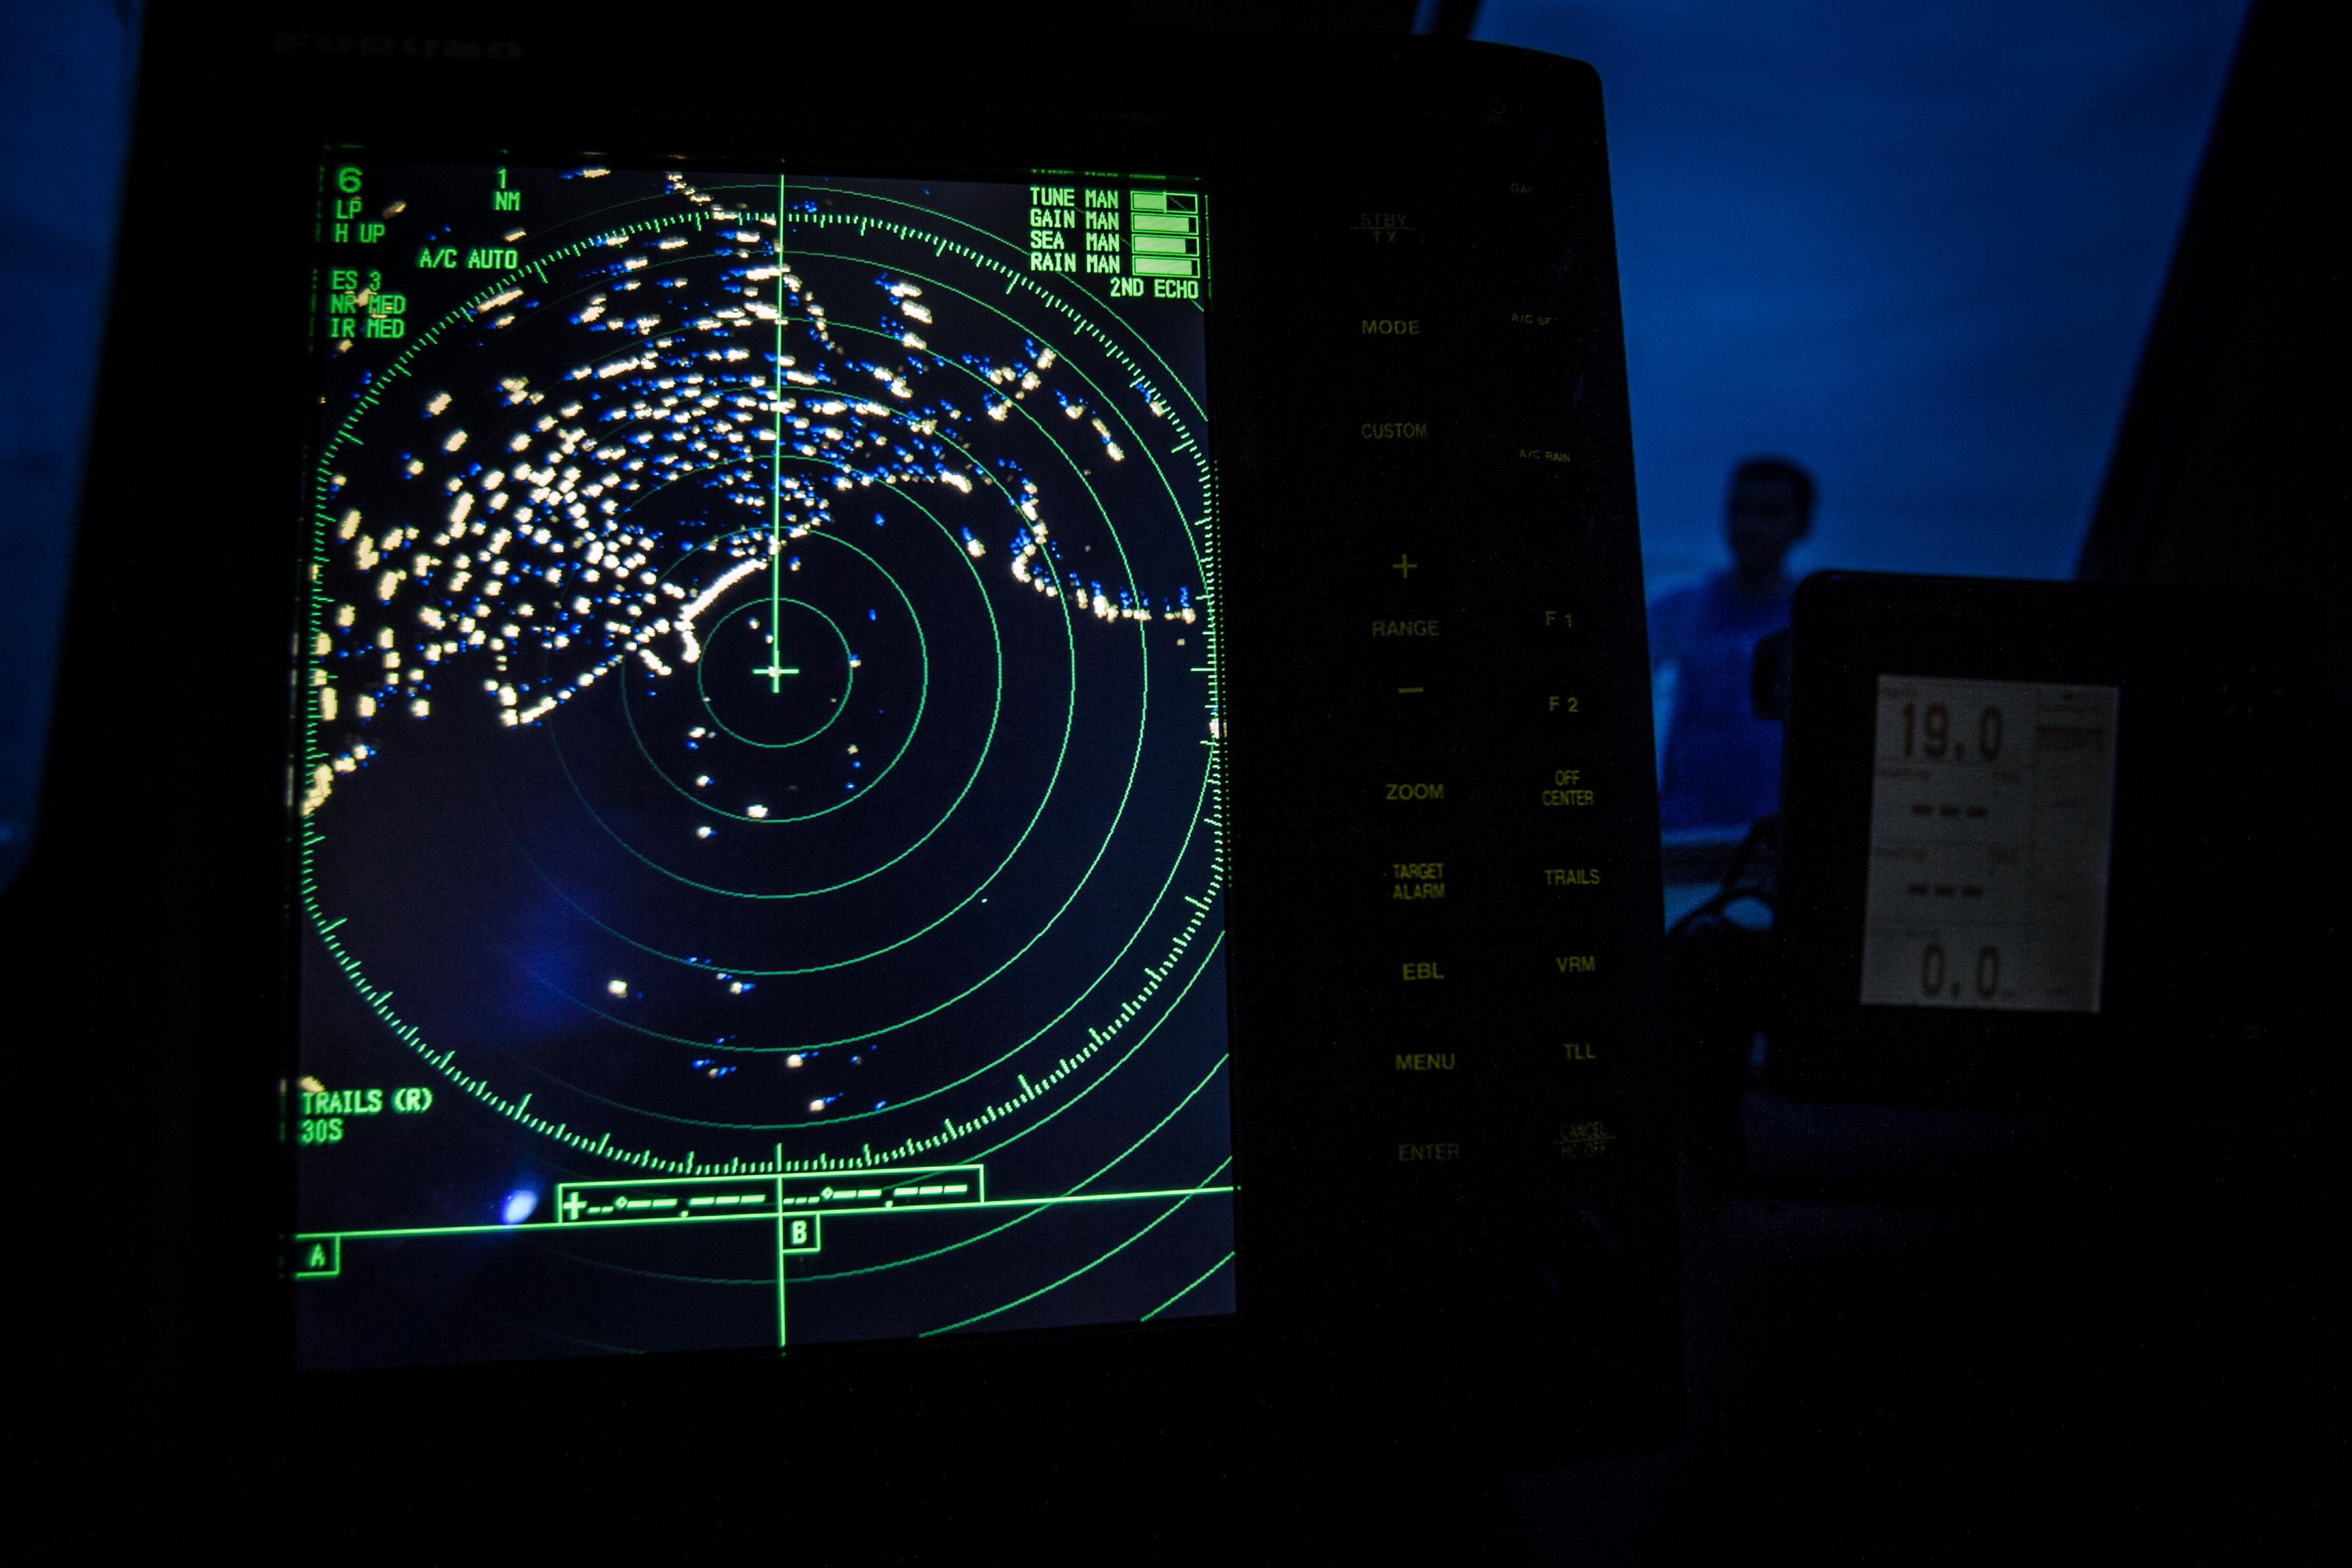 """Flug MH370-Malaysia Airlines: Ist der """"siebte Bogen"""" doch das falsche Suchgebiet?"""